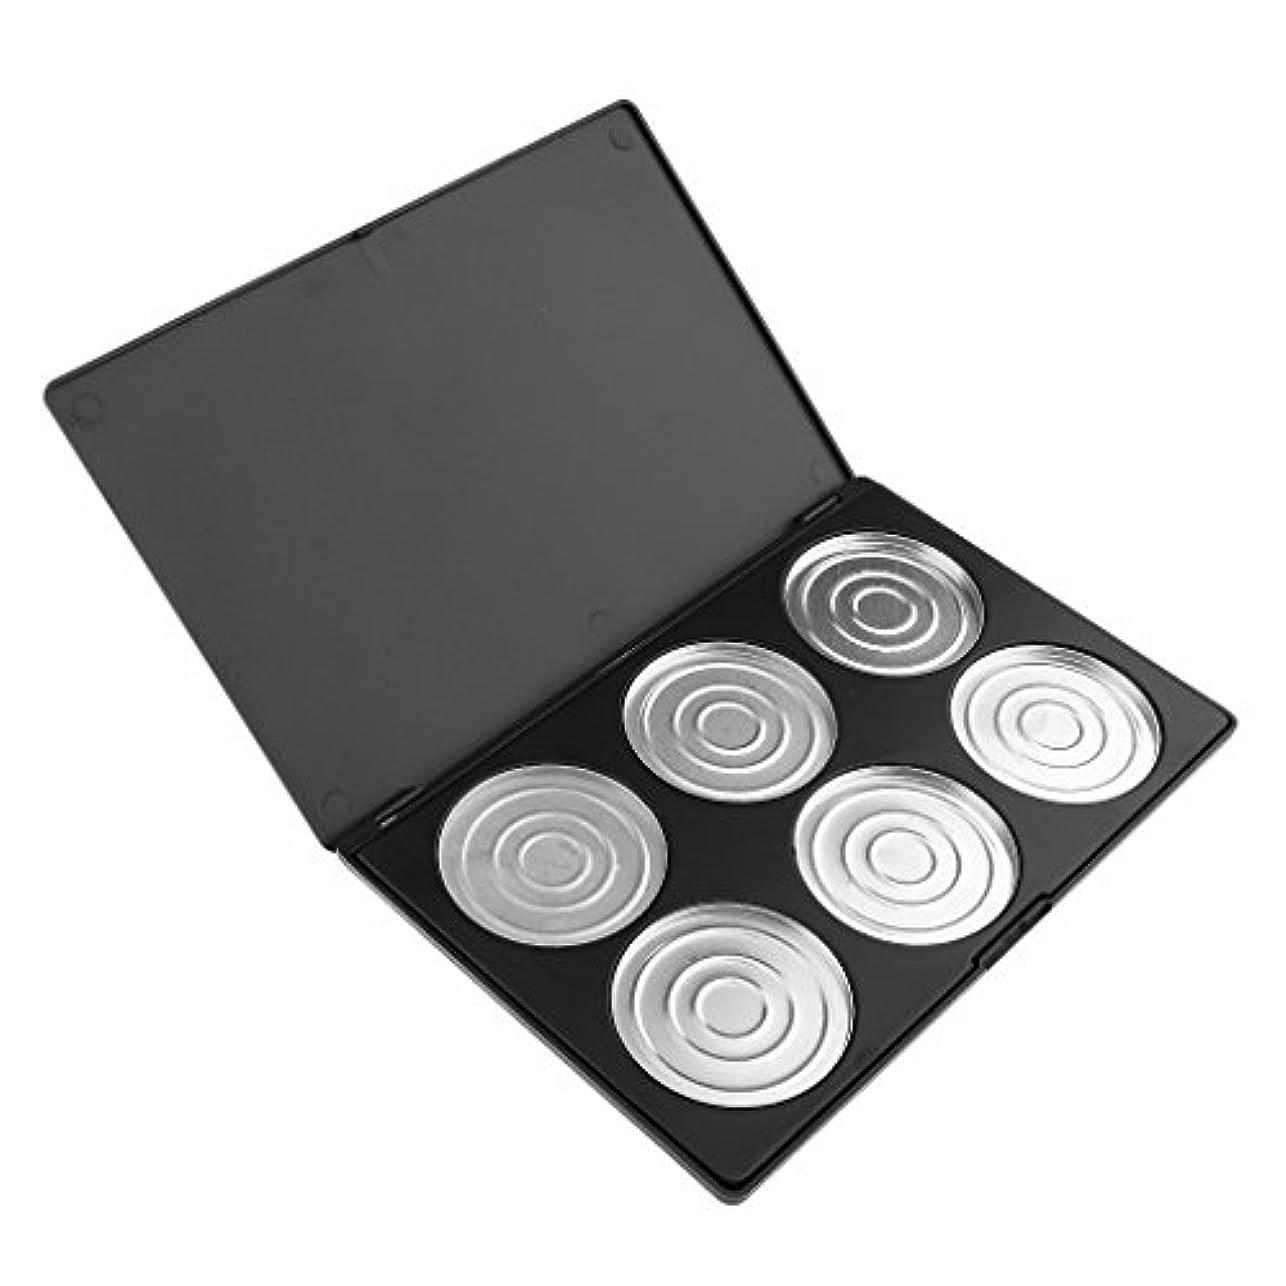 項目プット明るくするT TOOYFUL 12グリッド メイク 空 アイシャドーブラッシャー リップグロス パレット 化粧品 全2種類 - 6色収納ケース